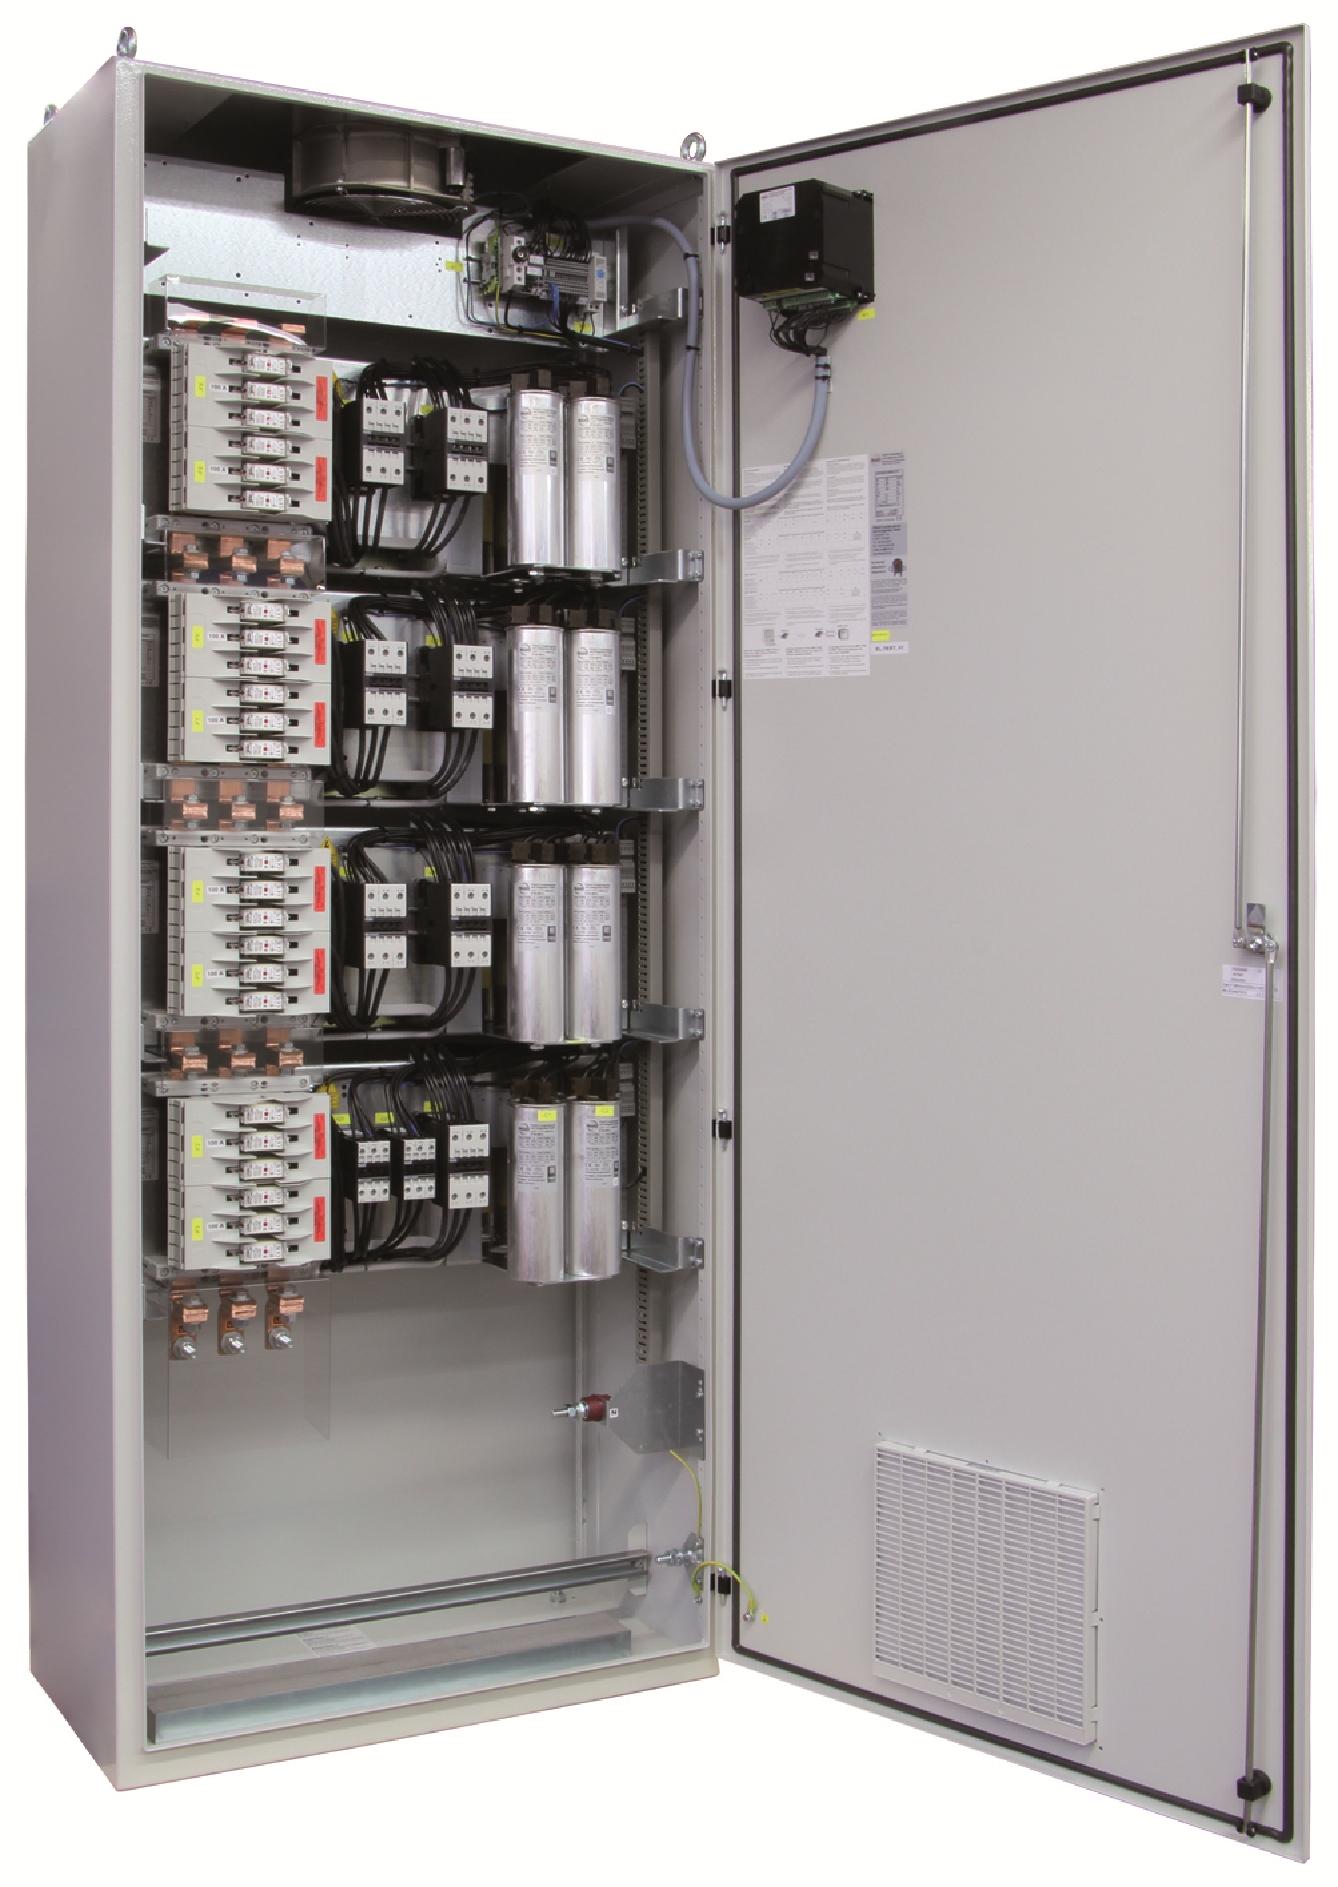 1 Stk Kompensation LSFC 7% 375/25kvar 800x2000x400mm FR3422684-